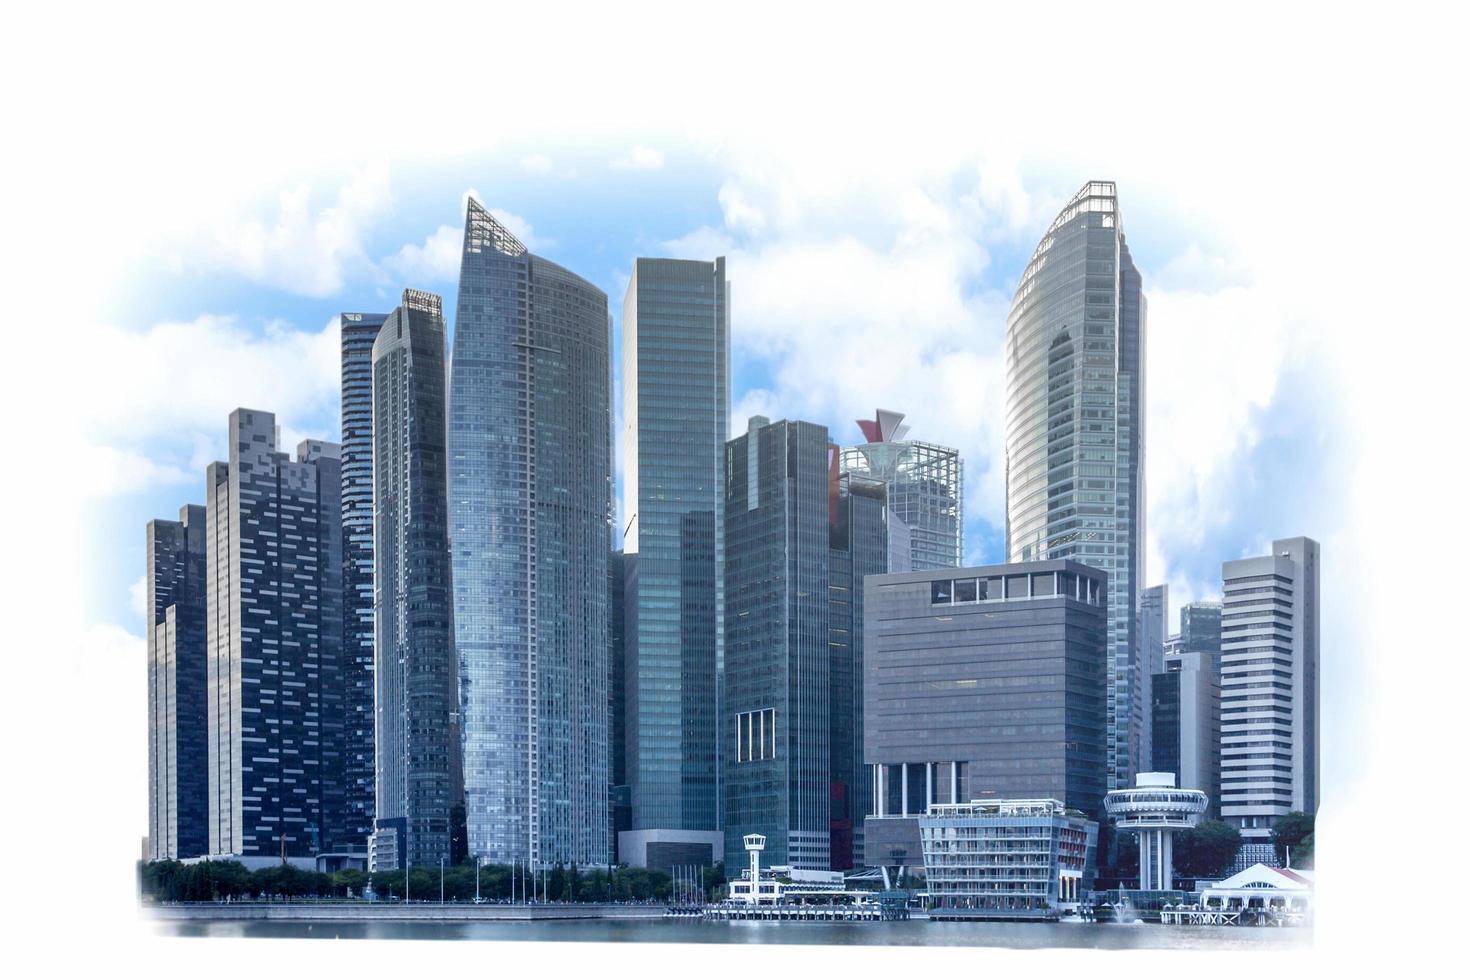 Bâtiments modernes du quartier financier des affaires et du commerce sur fond blanc, concept de construction industrielle et succès avec la technologie photo